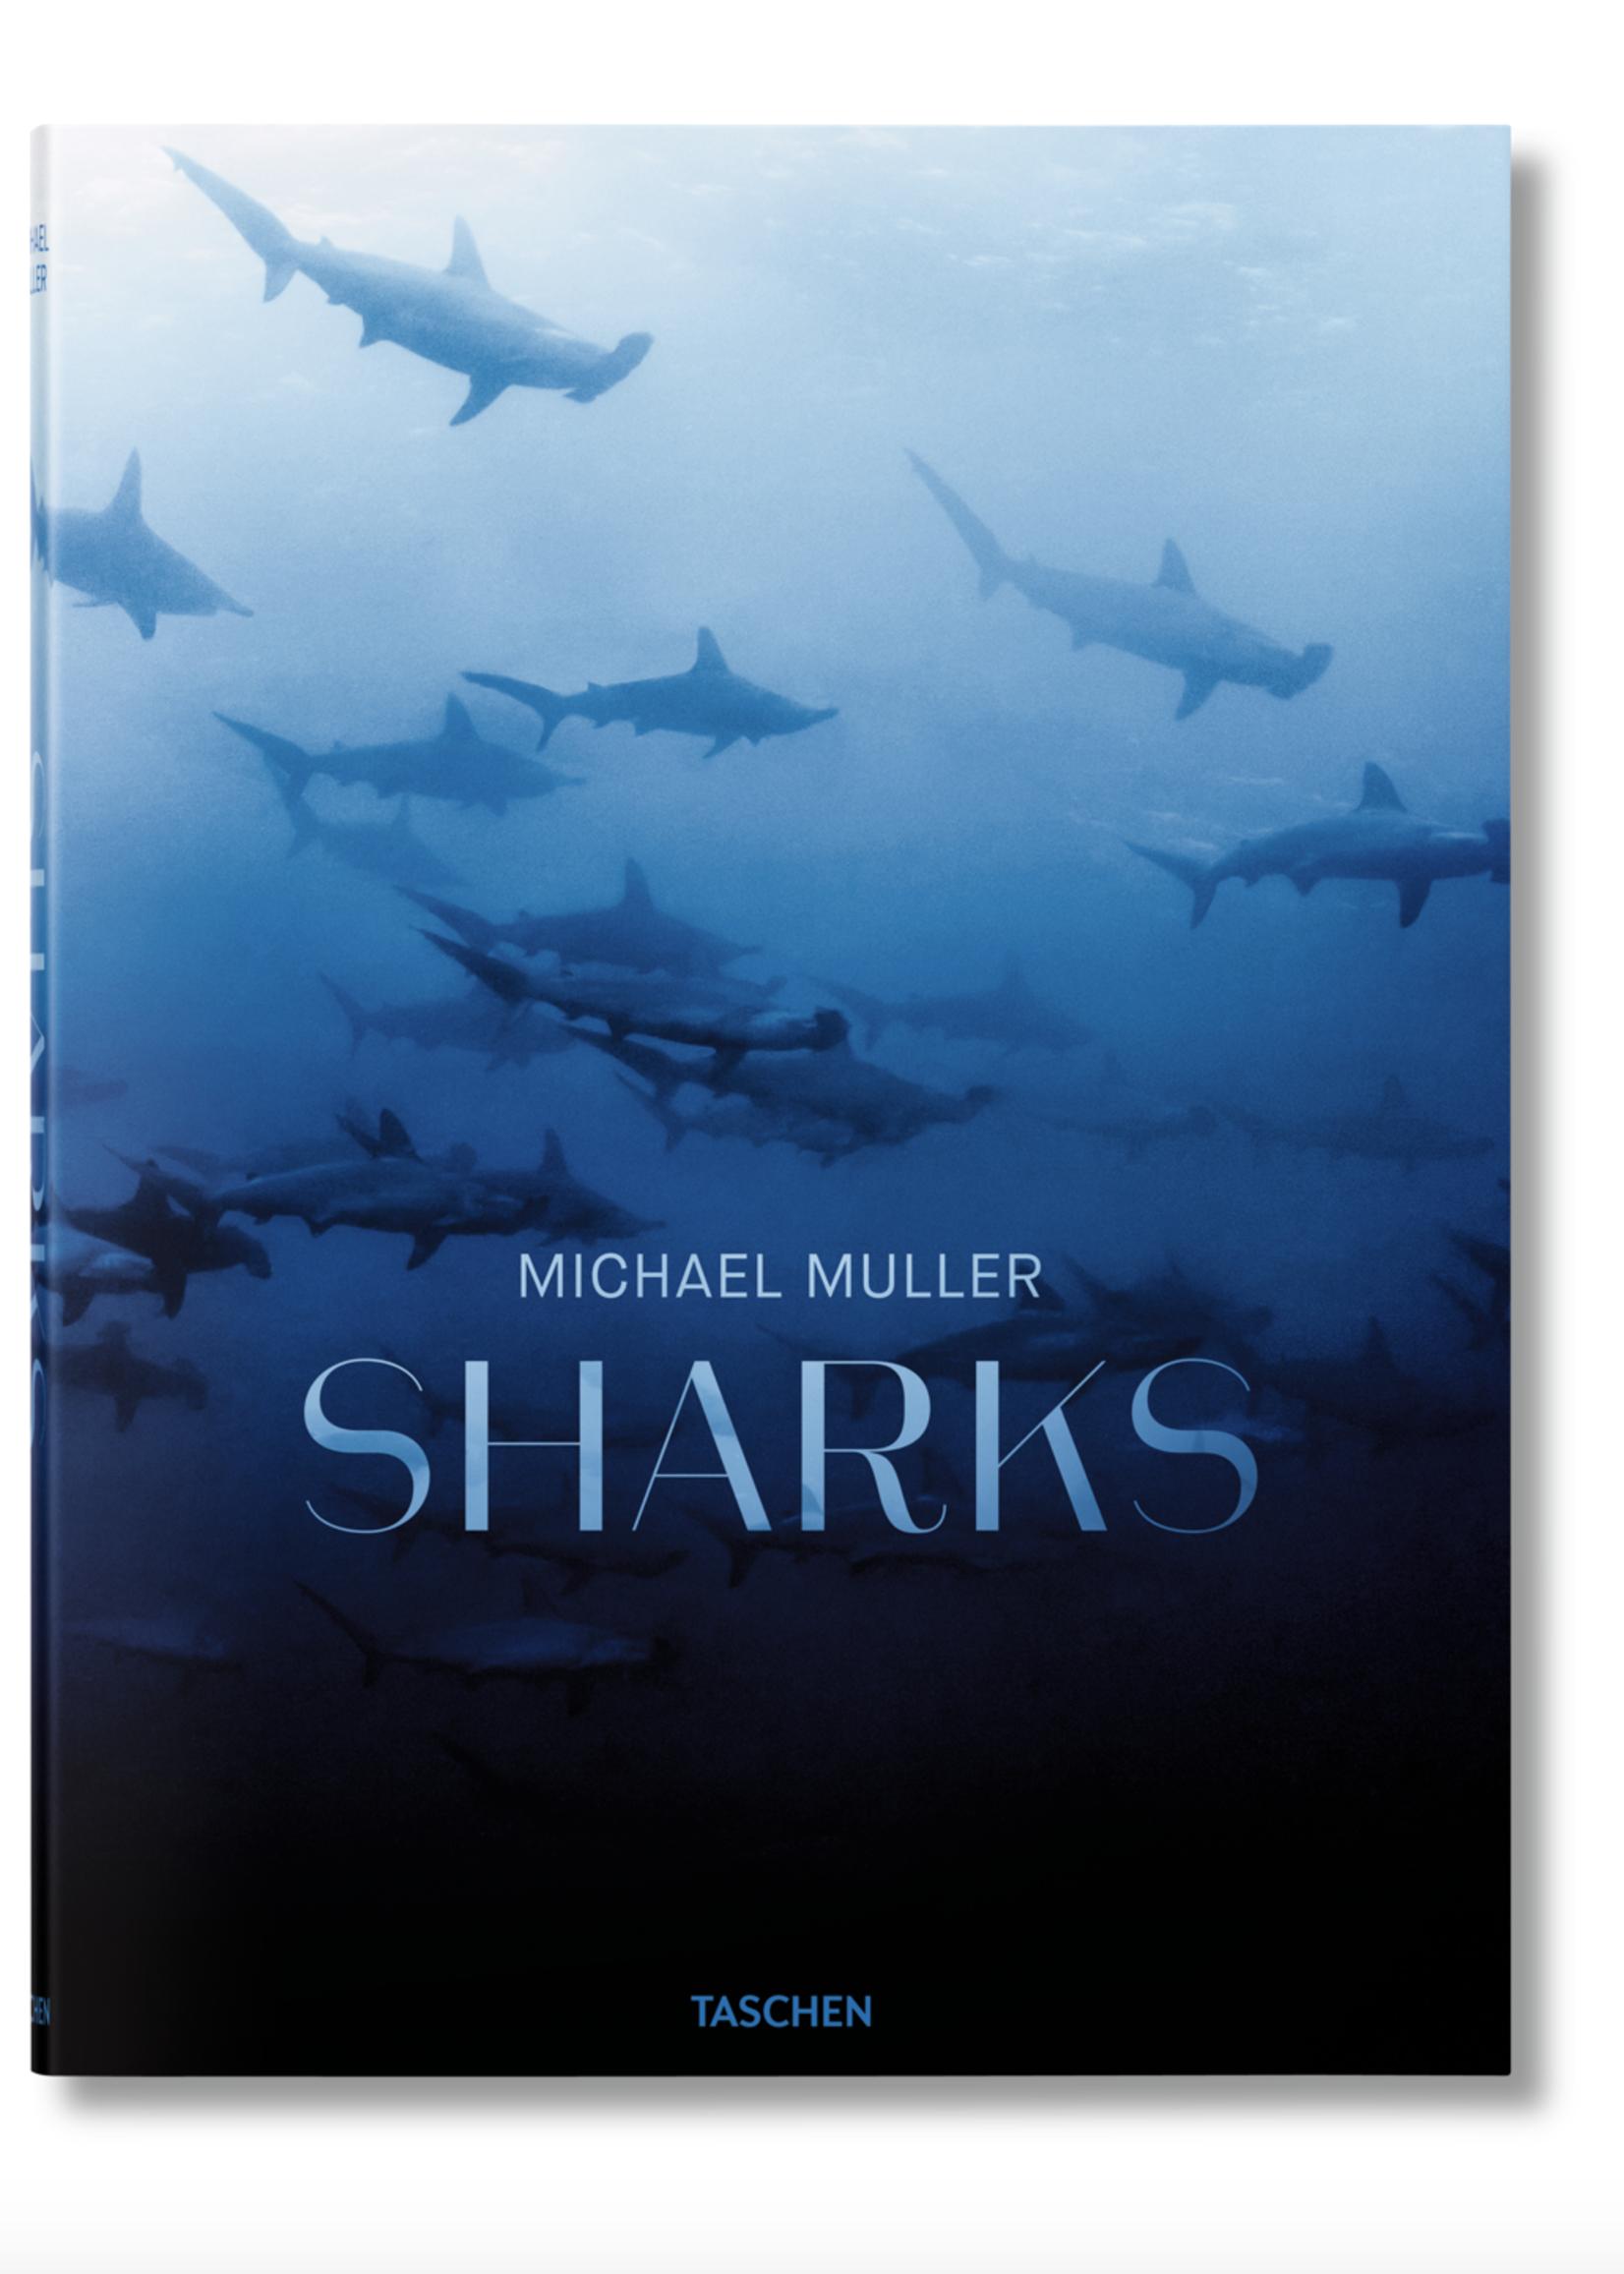 Taschen Taschen Michael Muller: Sharks. Face-to-Face